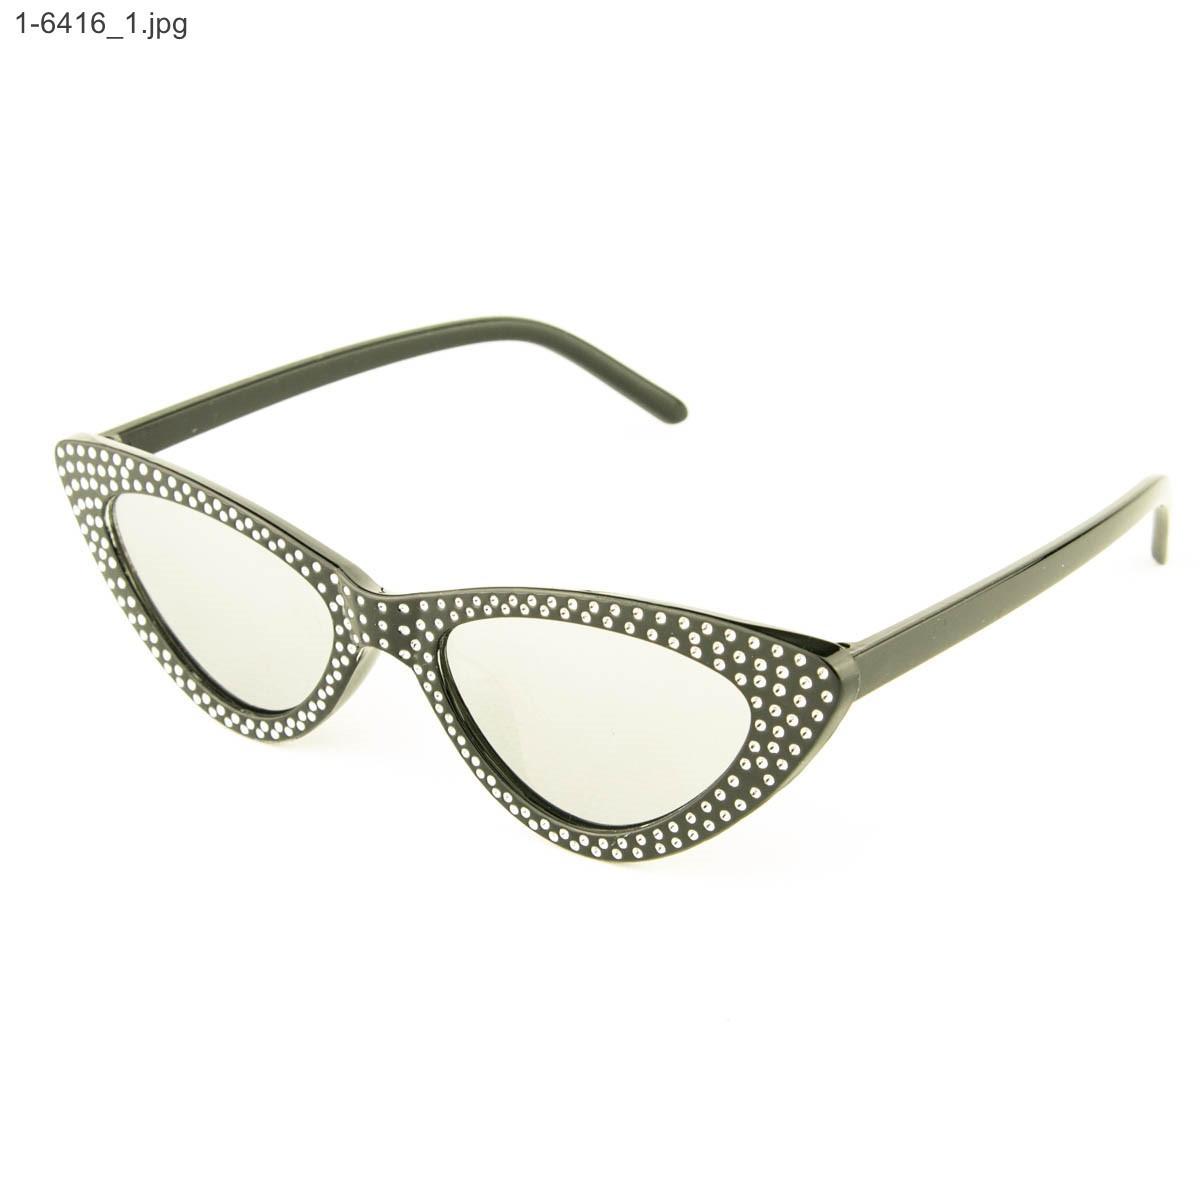 Оптом очки кошачий глаз - Черные с зеркальными линзами - 1-6416